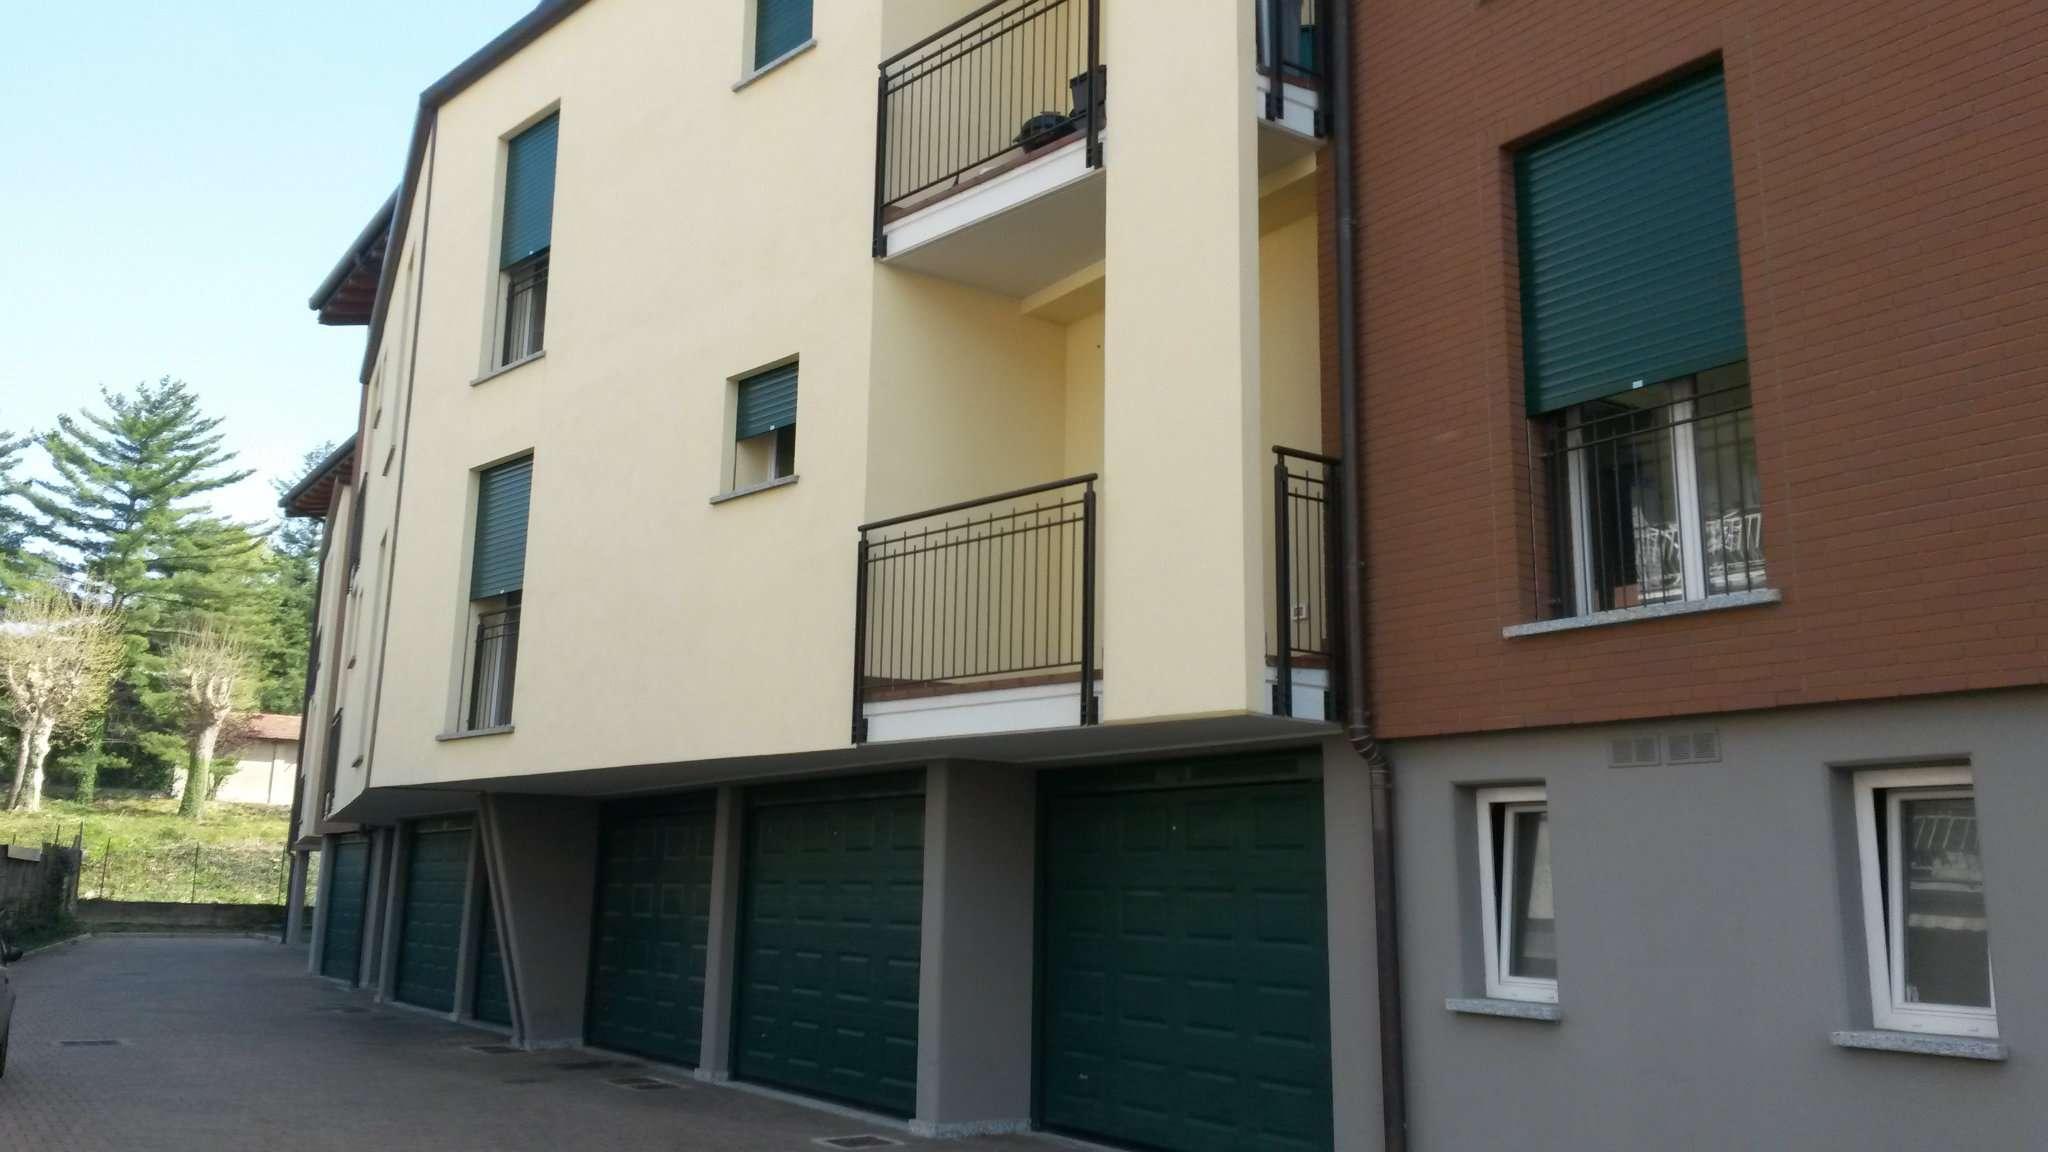 Appartamento in vendita a Uggiate-Trevano, 4 locali, prezzo € 215.000 | Cambio Casa.it